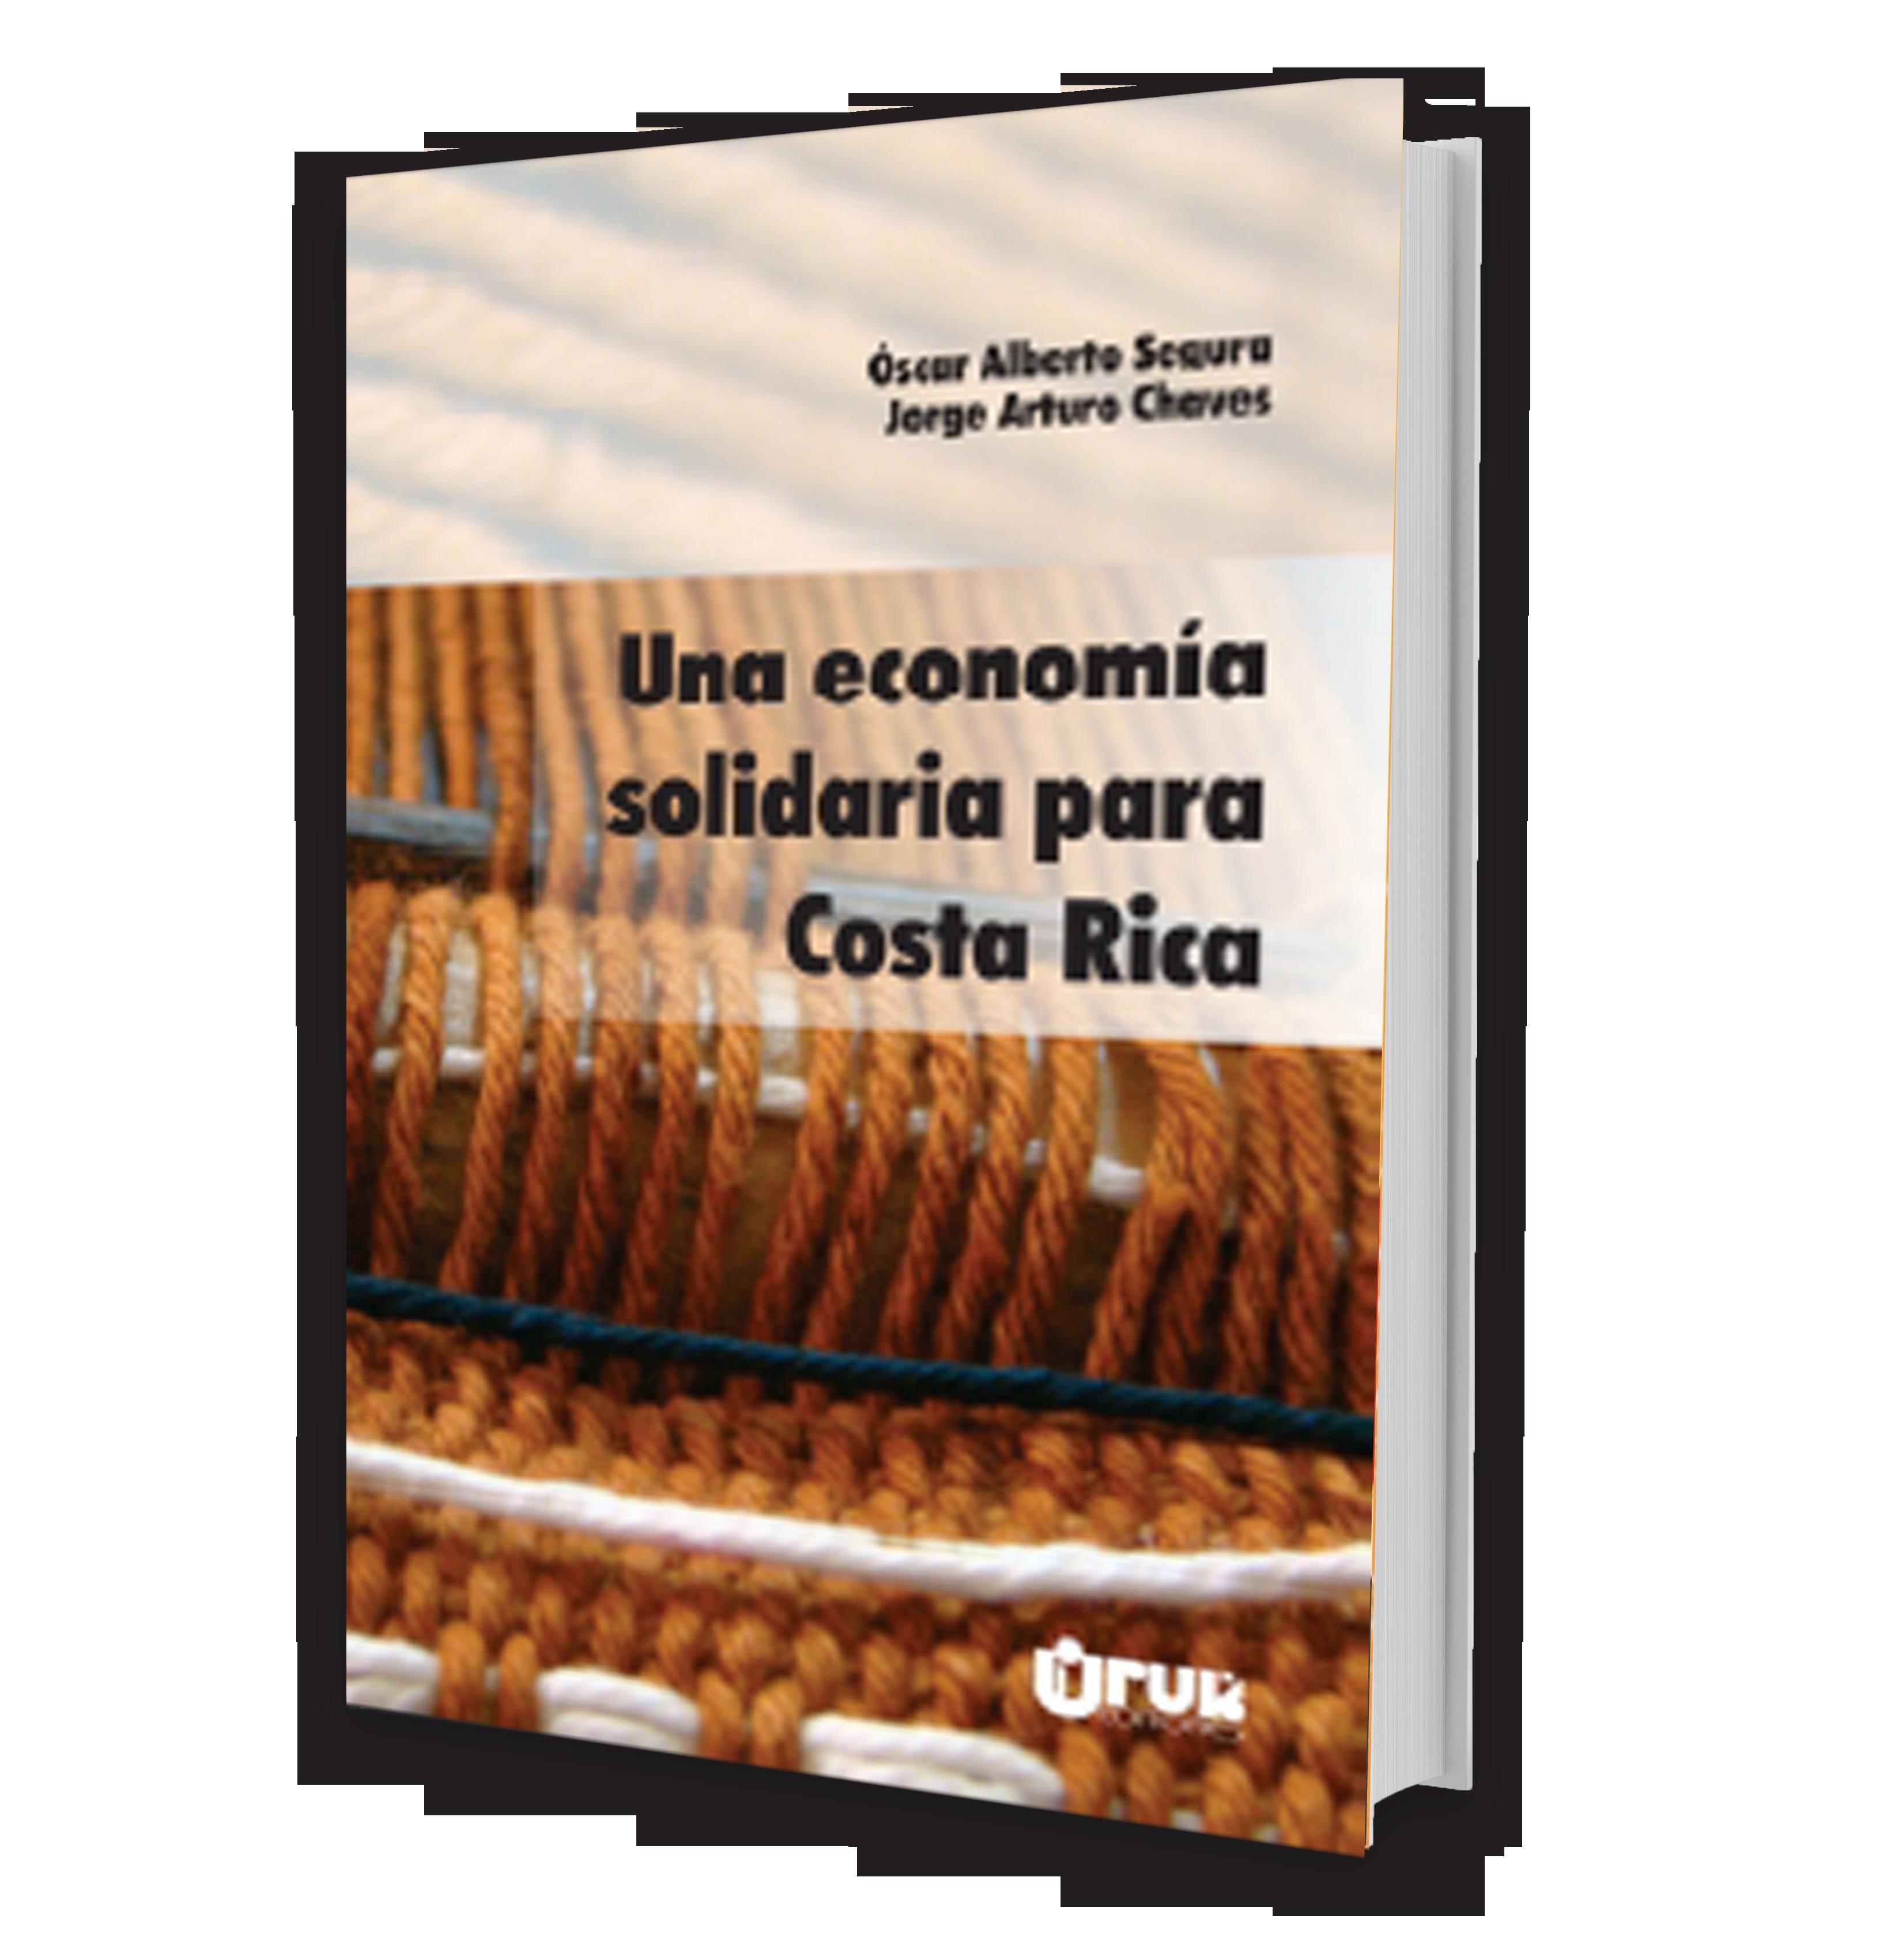 Una economía solidaria para Costa Rica